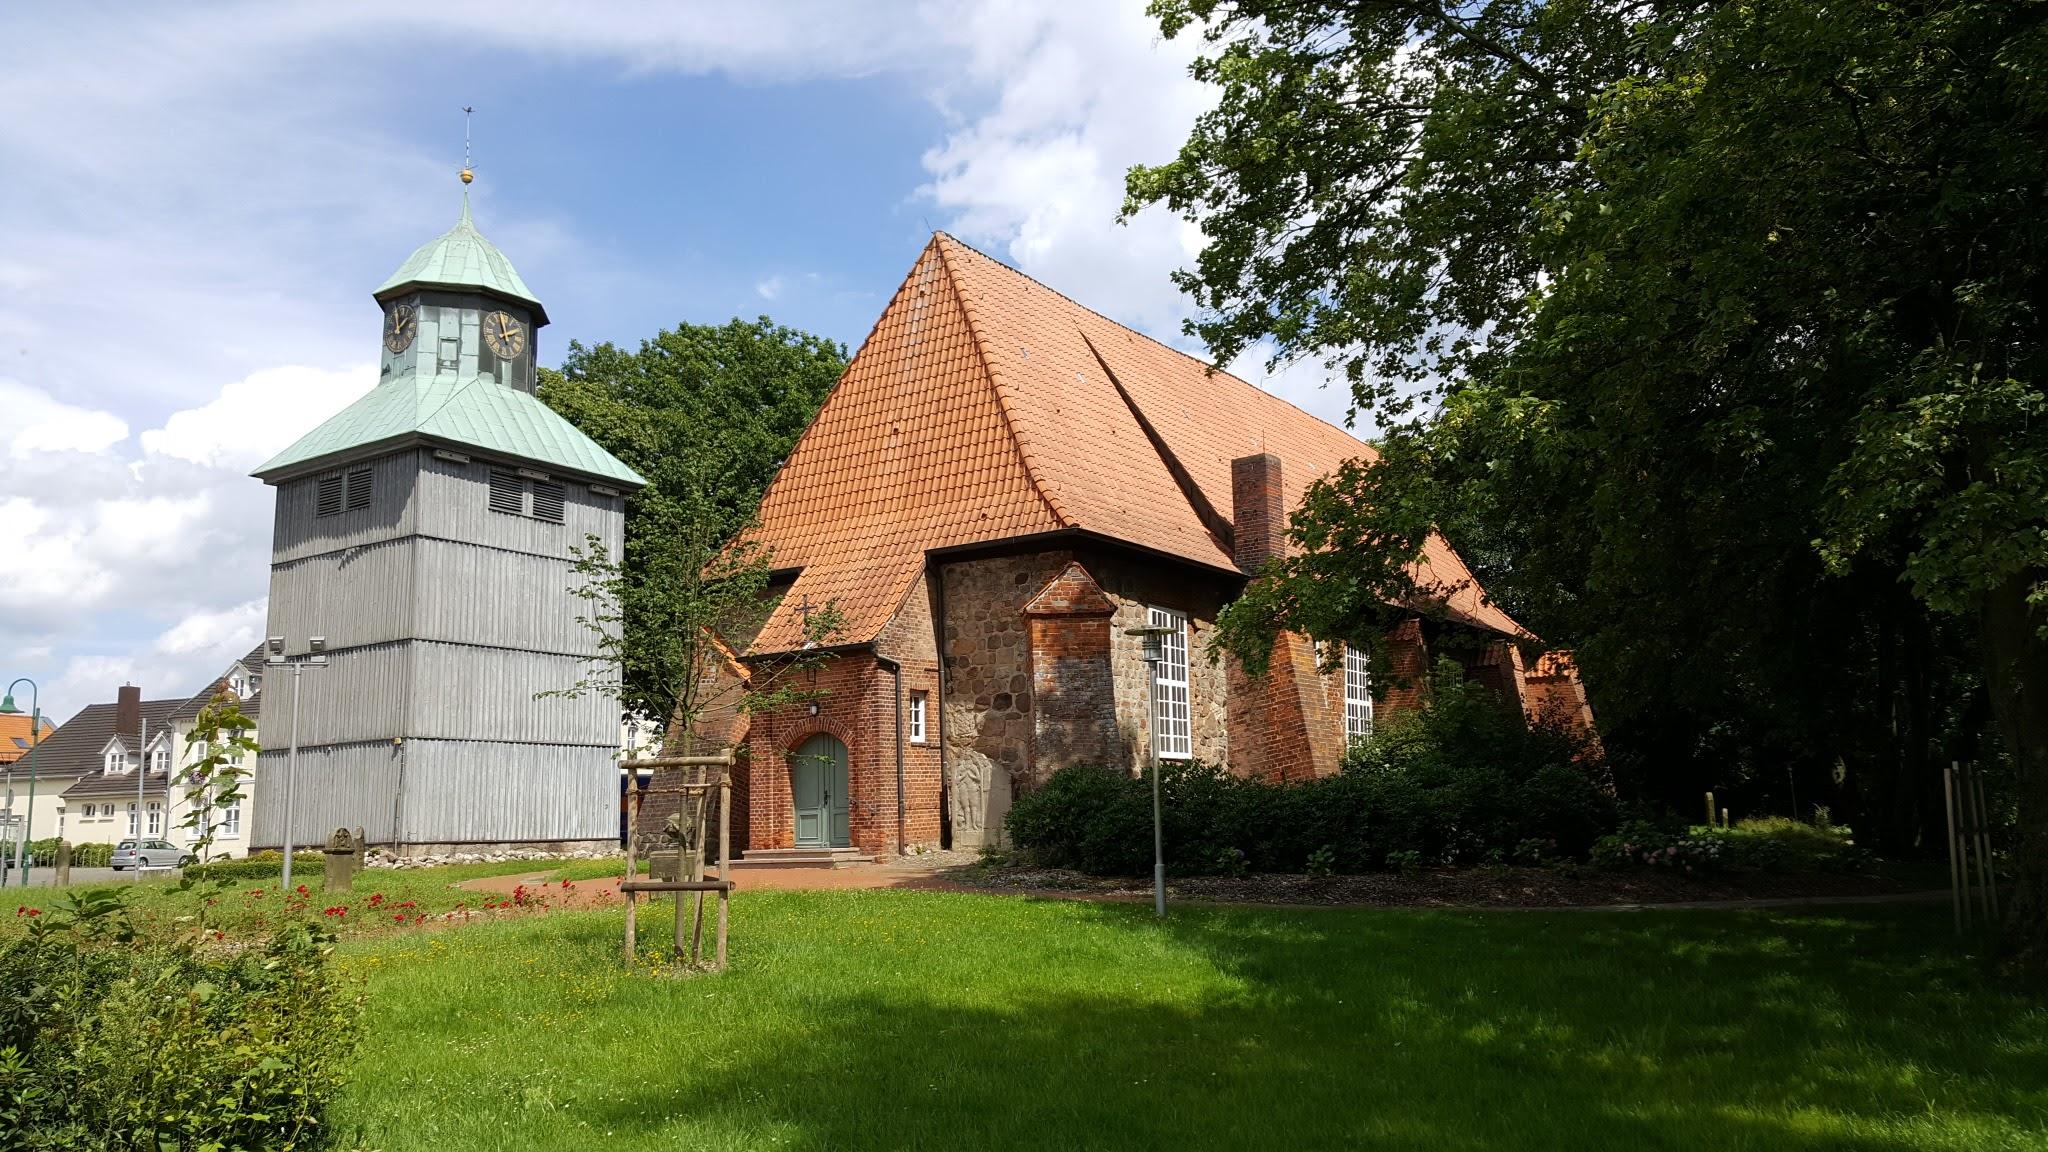 St. Johannis Kirche Visselhövede